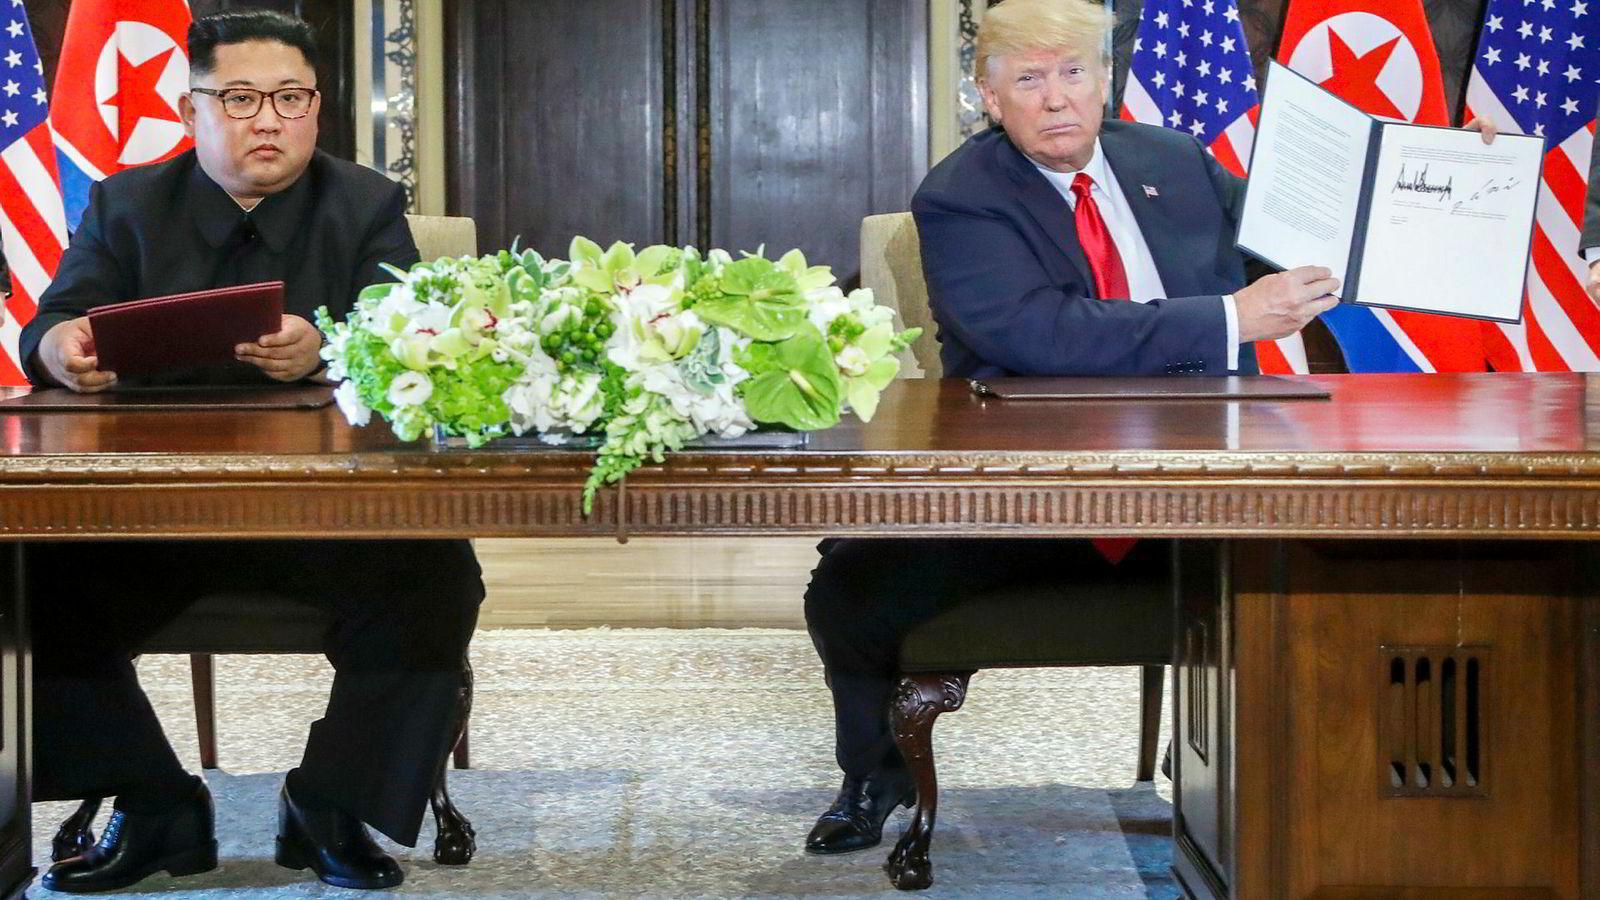 På nyåret møtes de igjen, Nord-Koreas leder Kim Jong-un og USAs president Donald Trump.